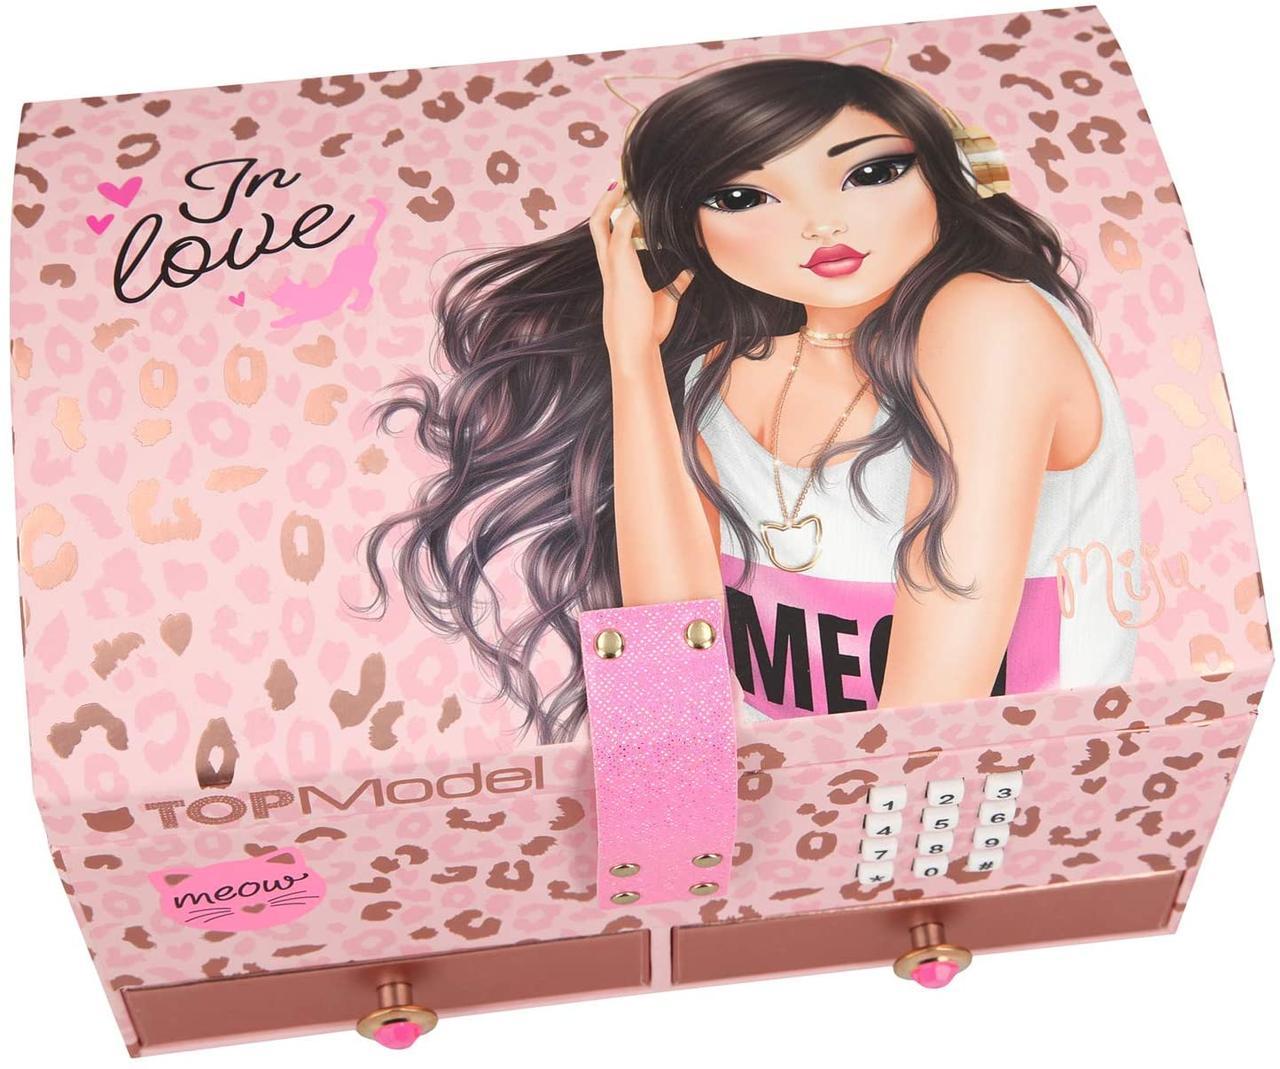 Top Model Скринька для прикрас на кодовому замку In Love ( Шкатулка музыкальная для украшений Топ Модель )